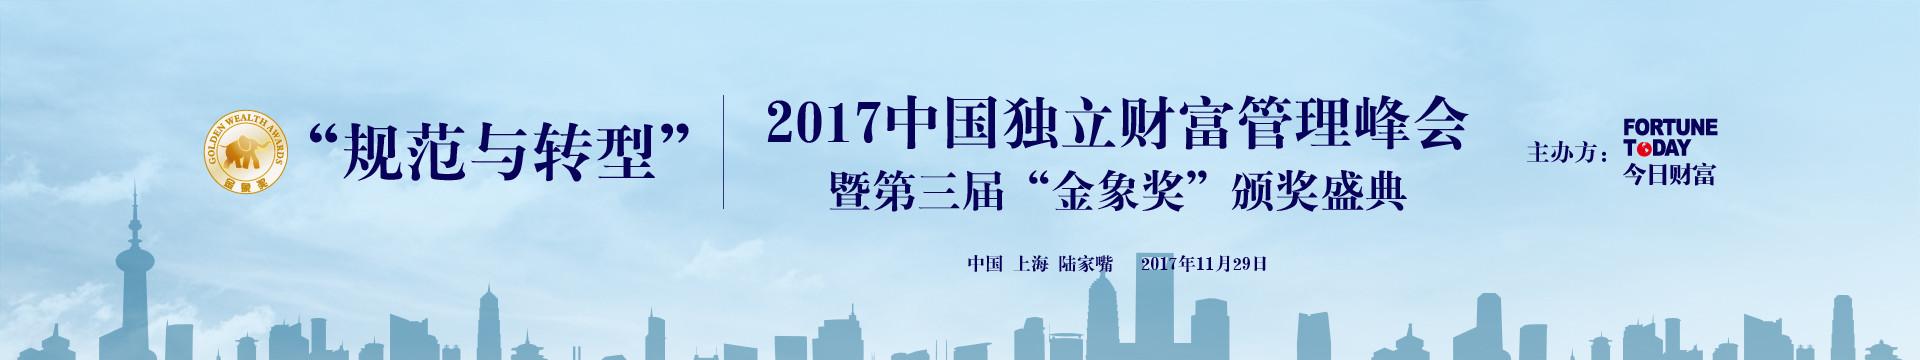 """2017中国独立财富管理峰会暨第三届""""金象奖""""颁奖盛典"""